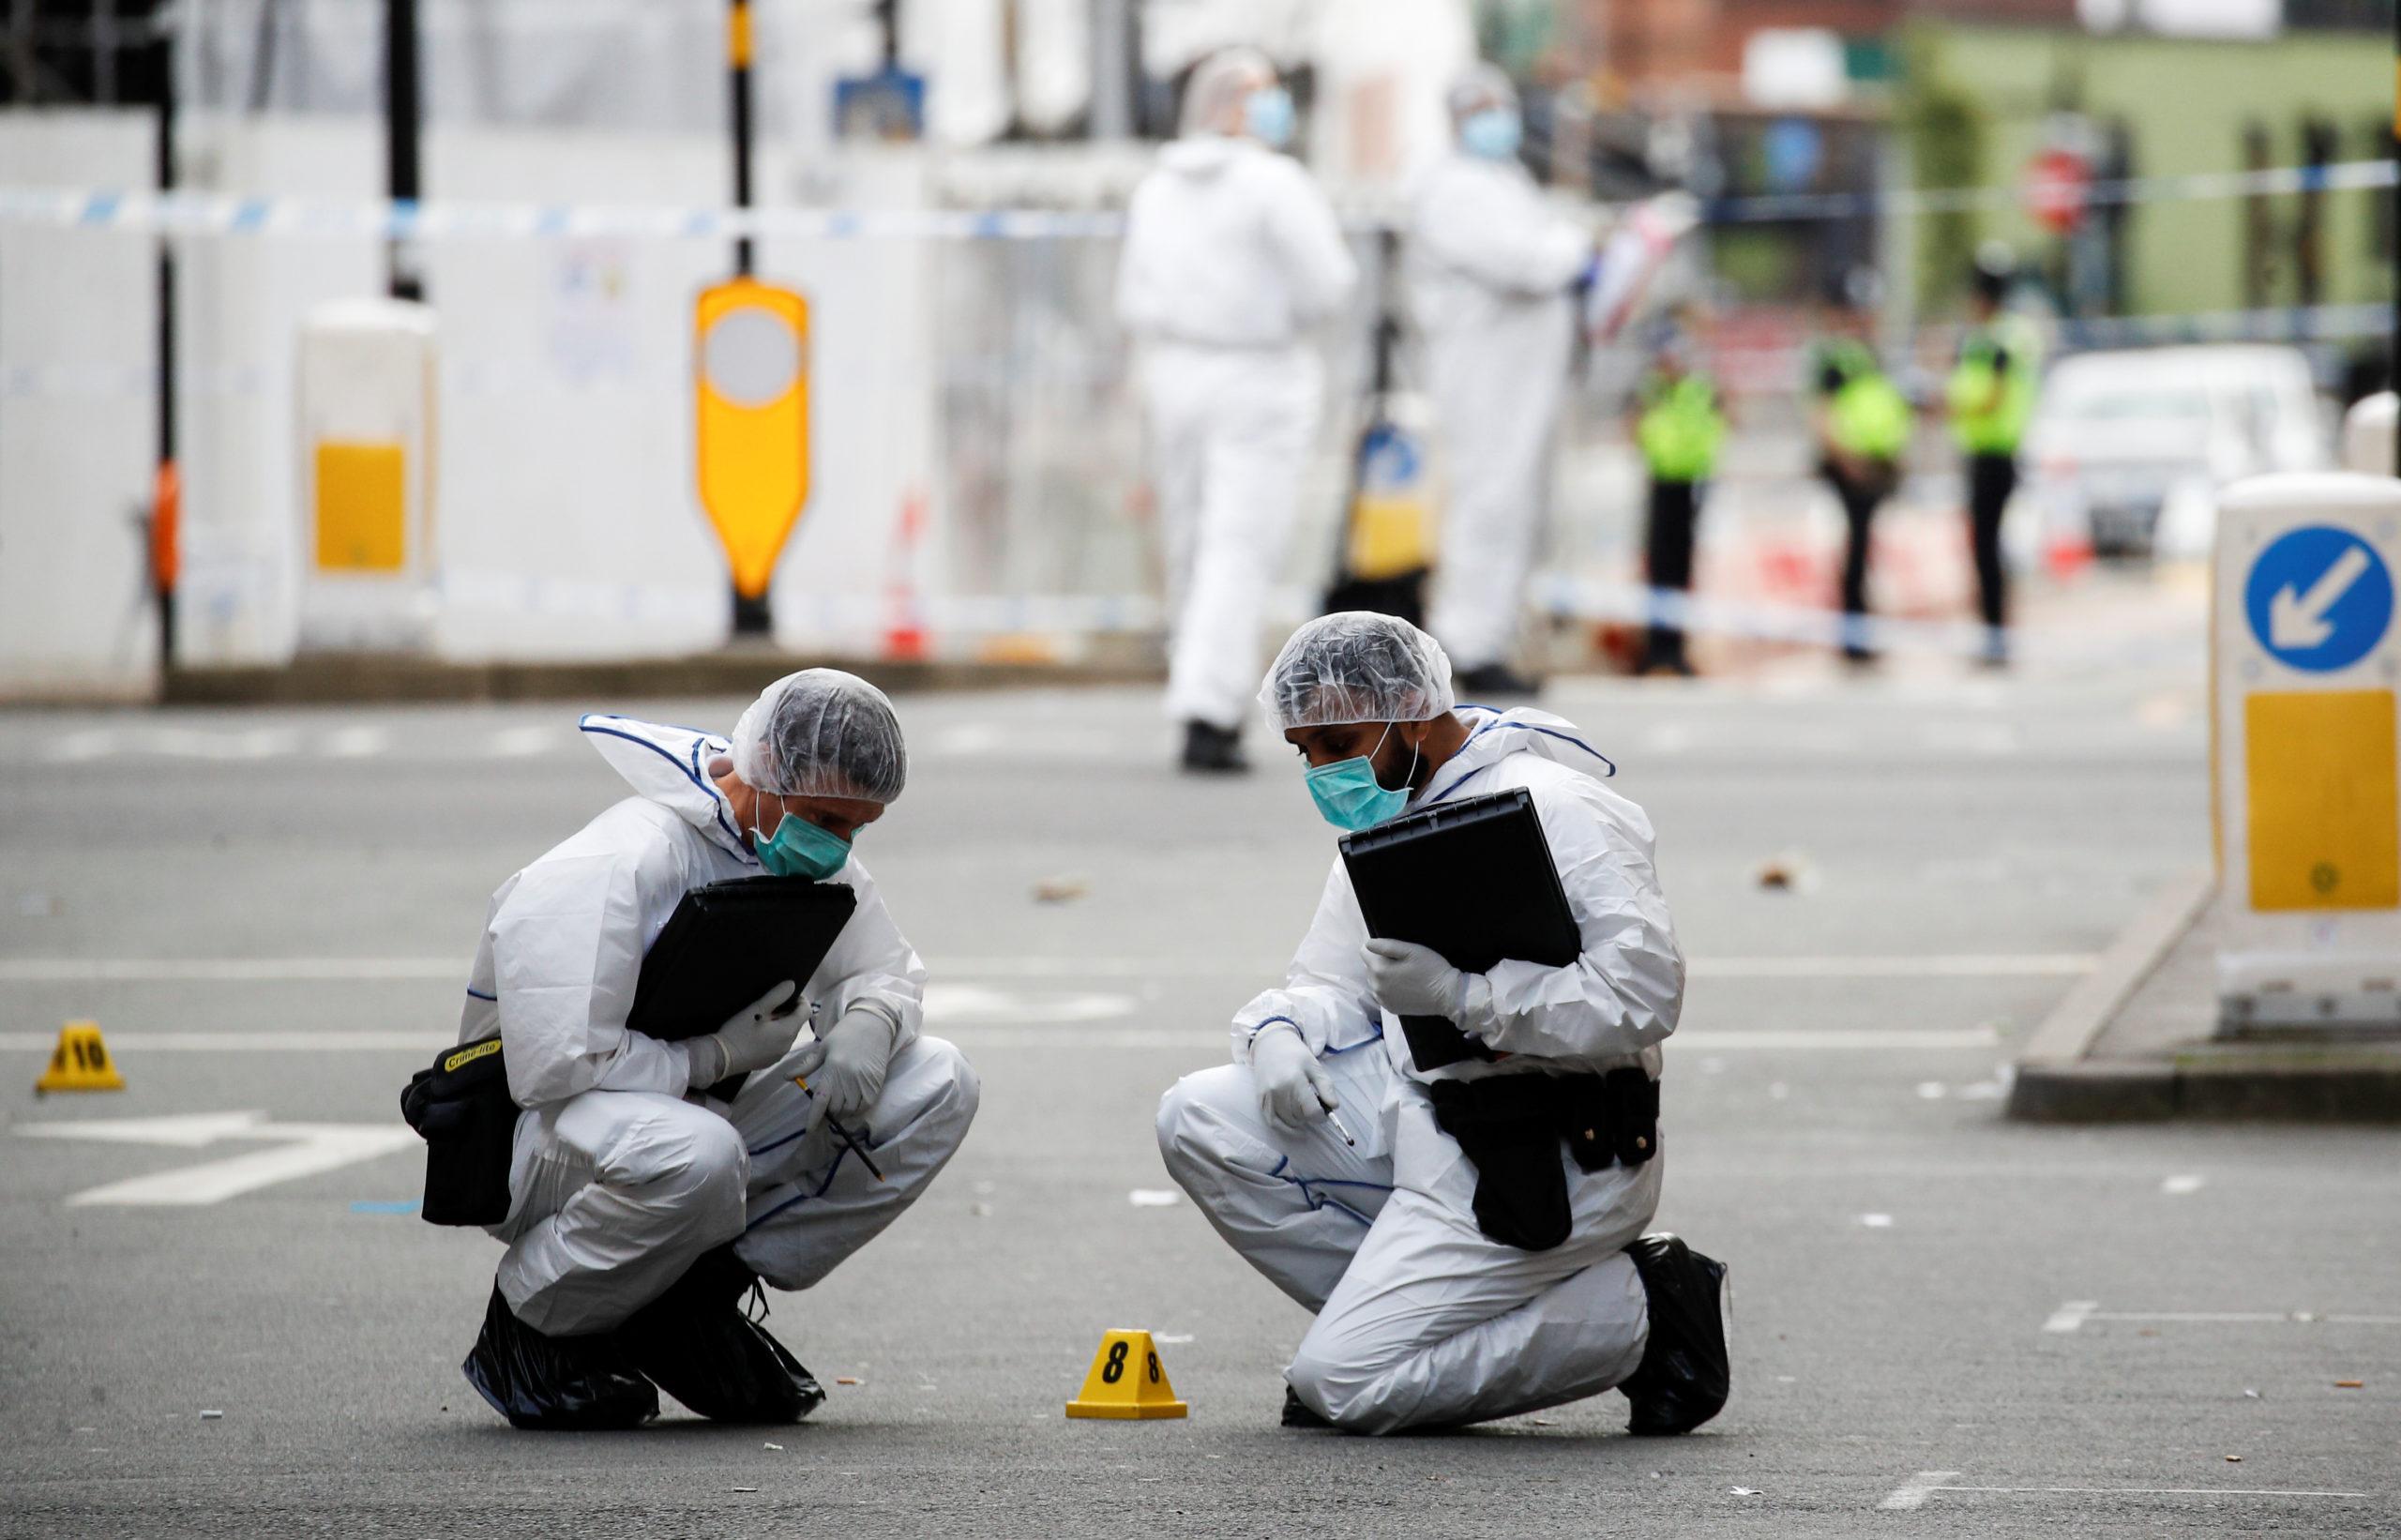 Arrestation d'un suspect après l'attaque au couteau à Birmingham